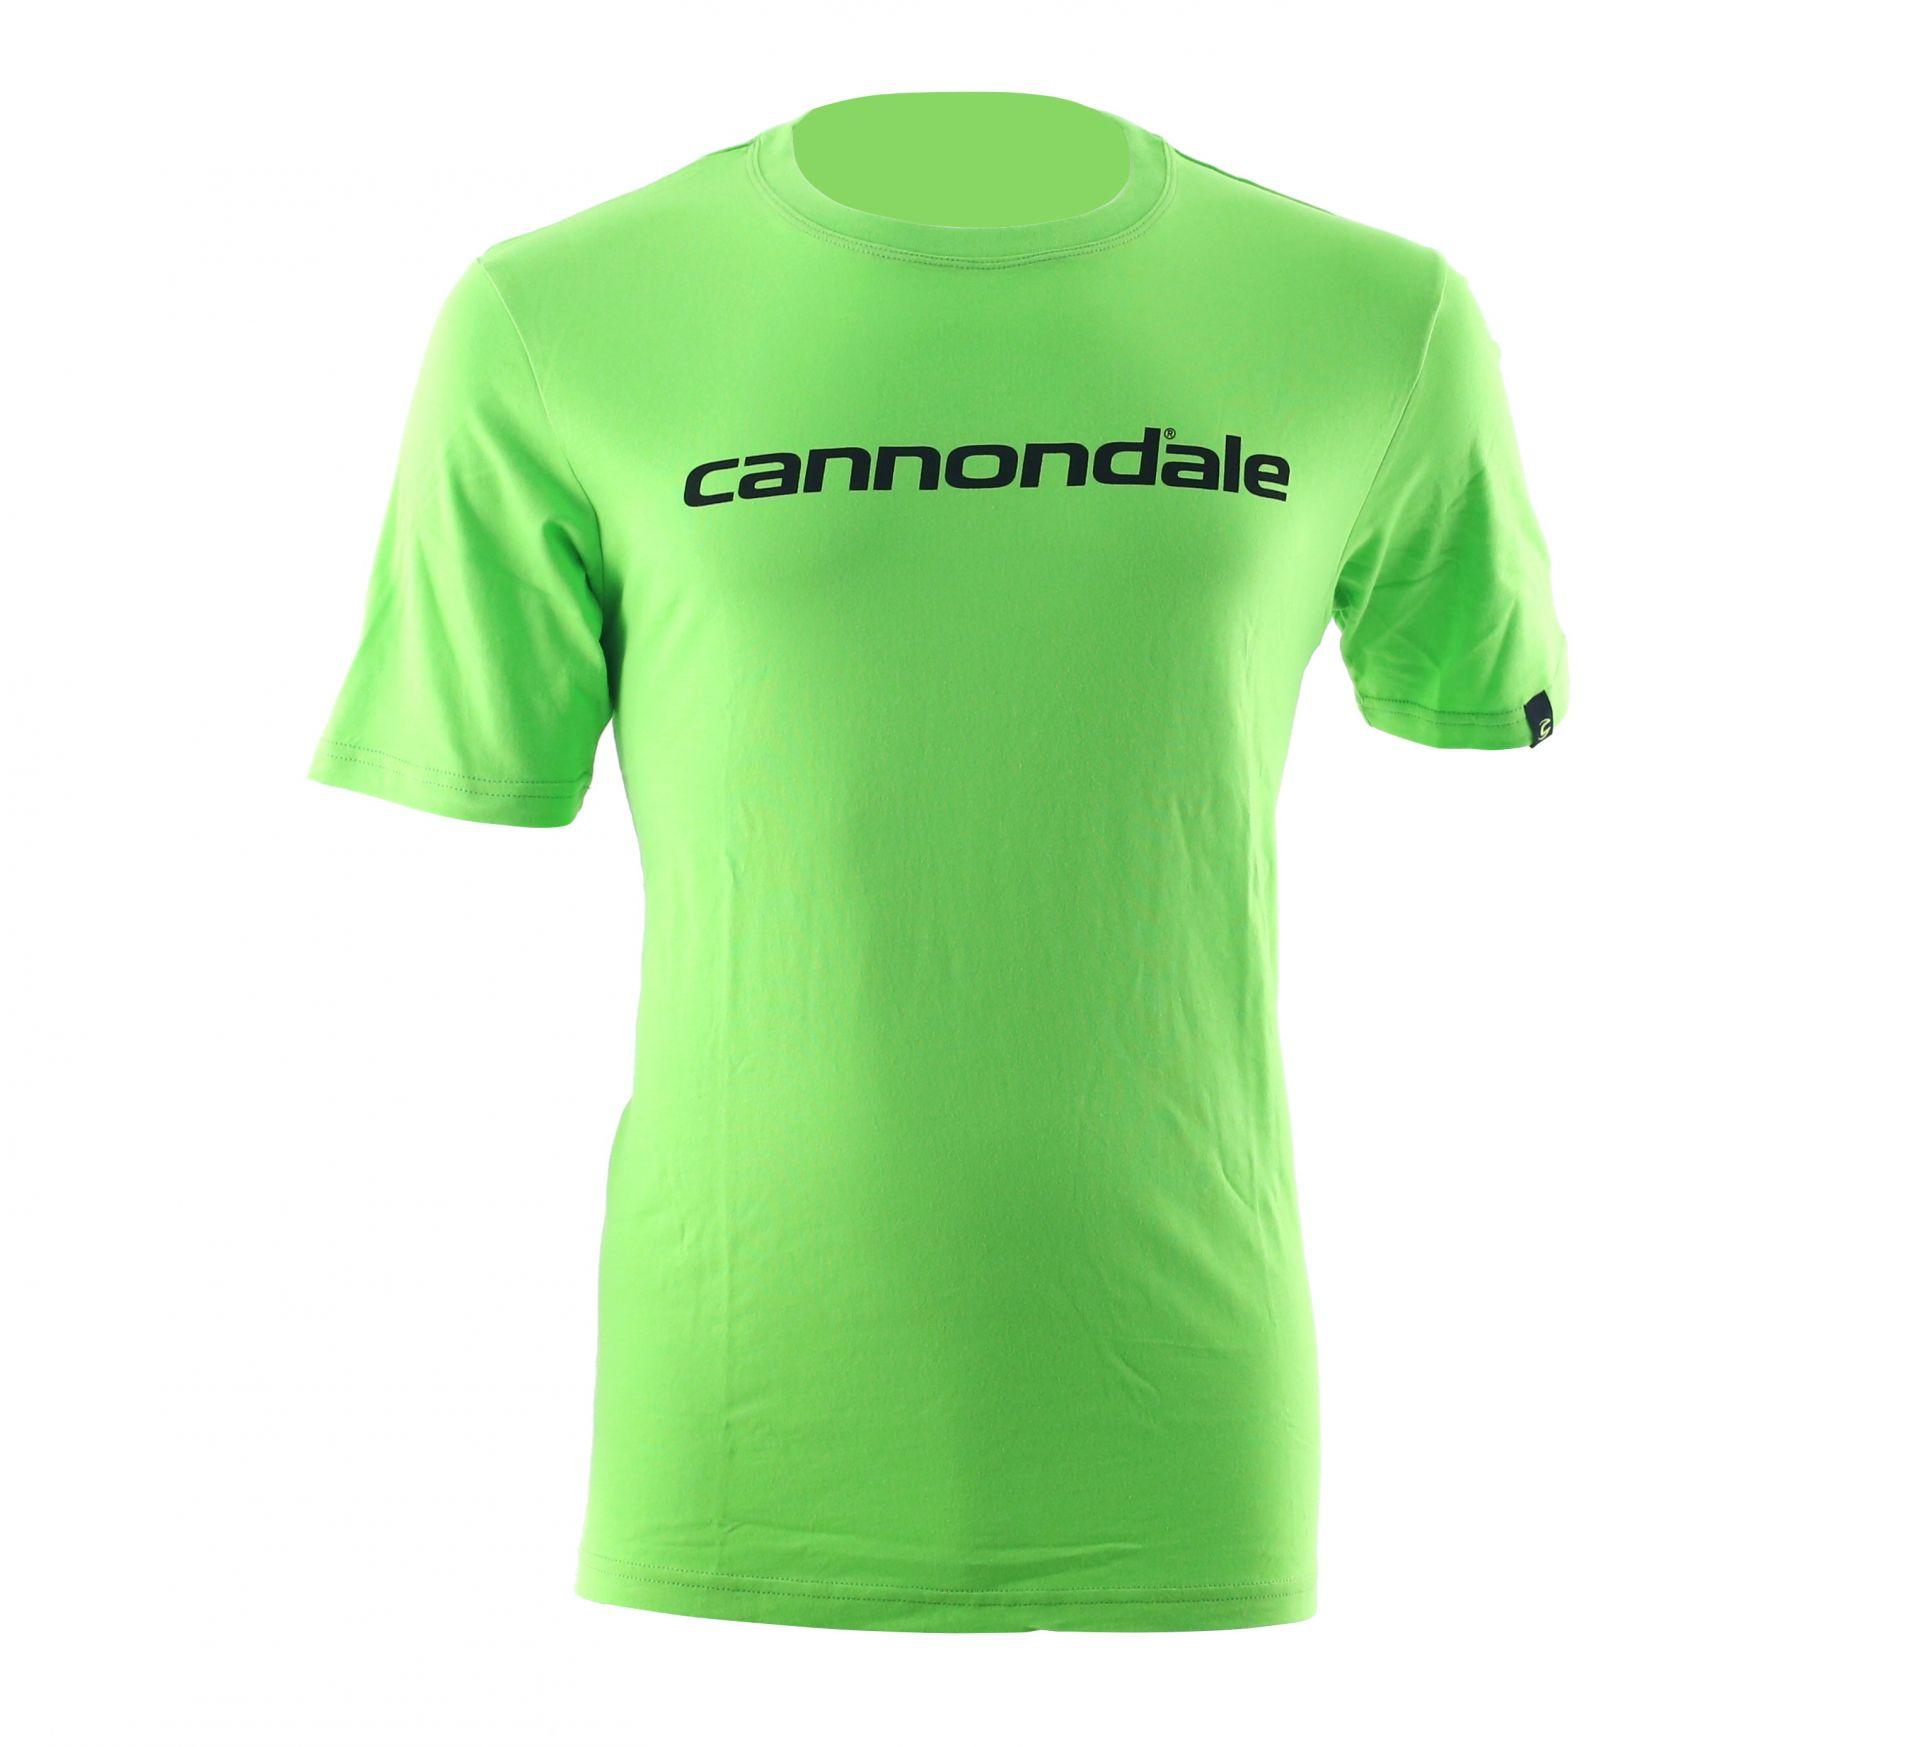 T-Shirt Cannondale Casual Vert Berzerker - XL